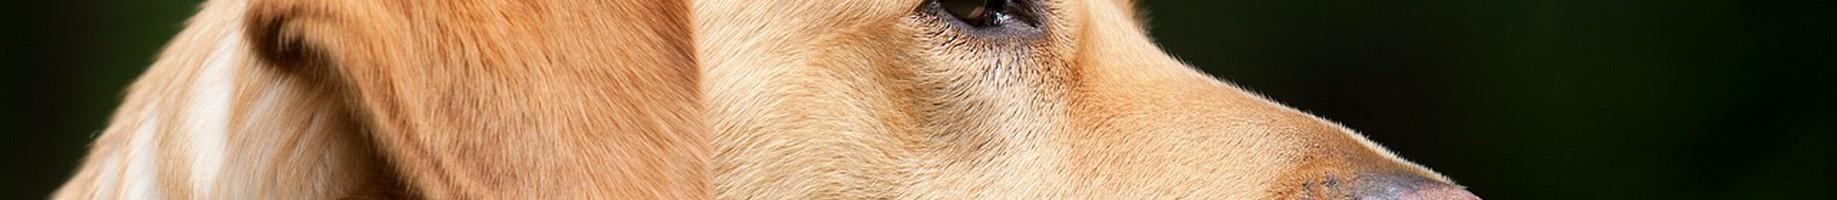 dog-1194083_1280